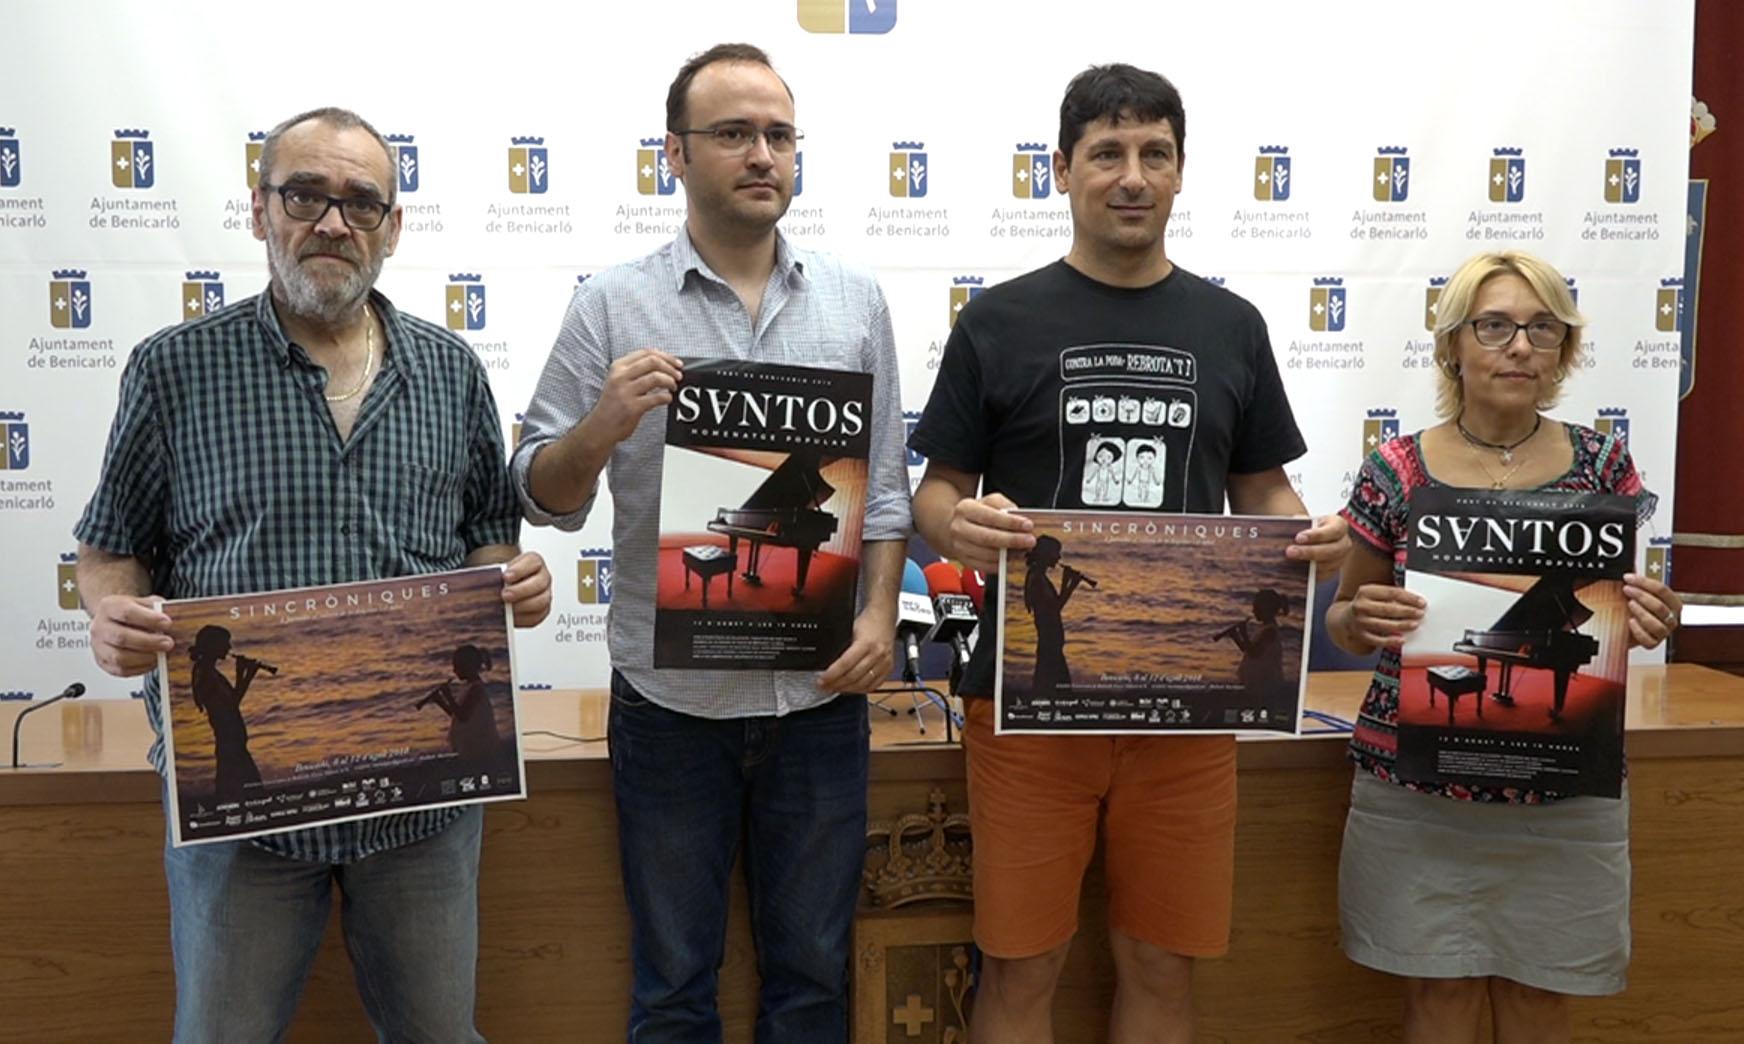 Benicarló acull les jornades Sincròniques amb concert i homenatge a Carlos Santos aquest diumenge